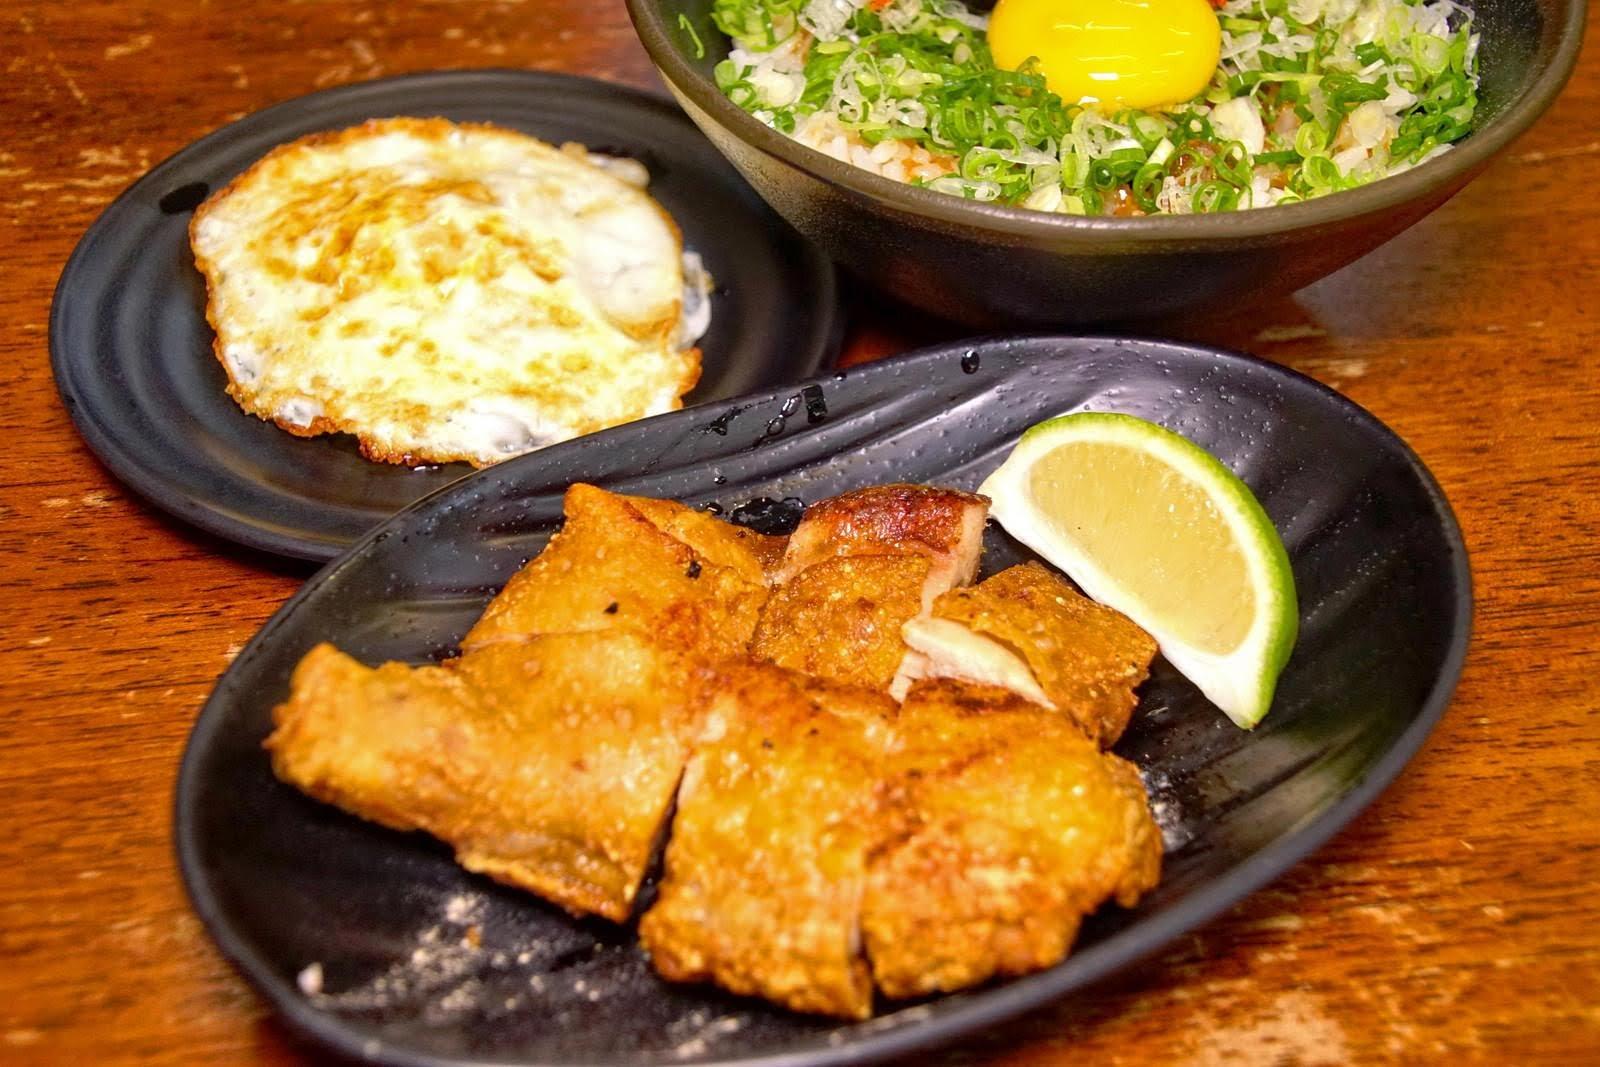 [台南][安平區] 町昌肉燥飯|創意肉燥丼飯家庭料理|食記